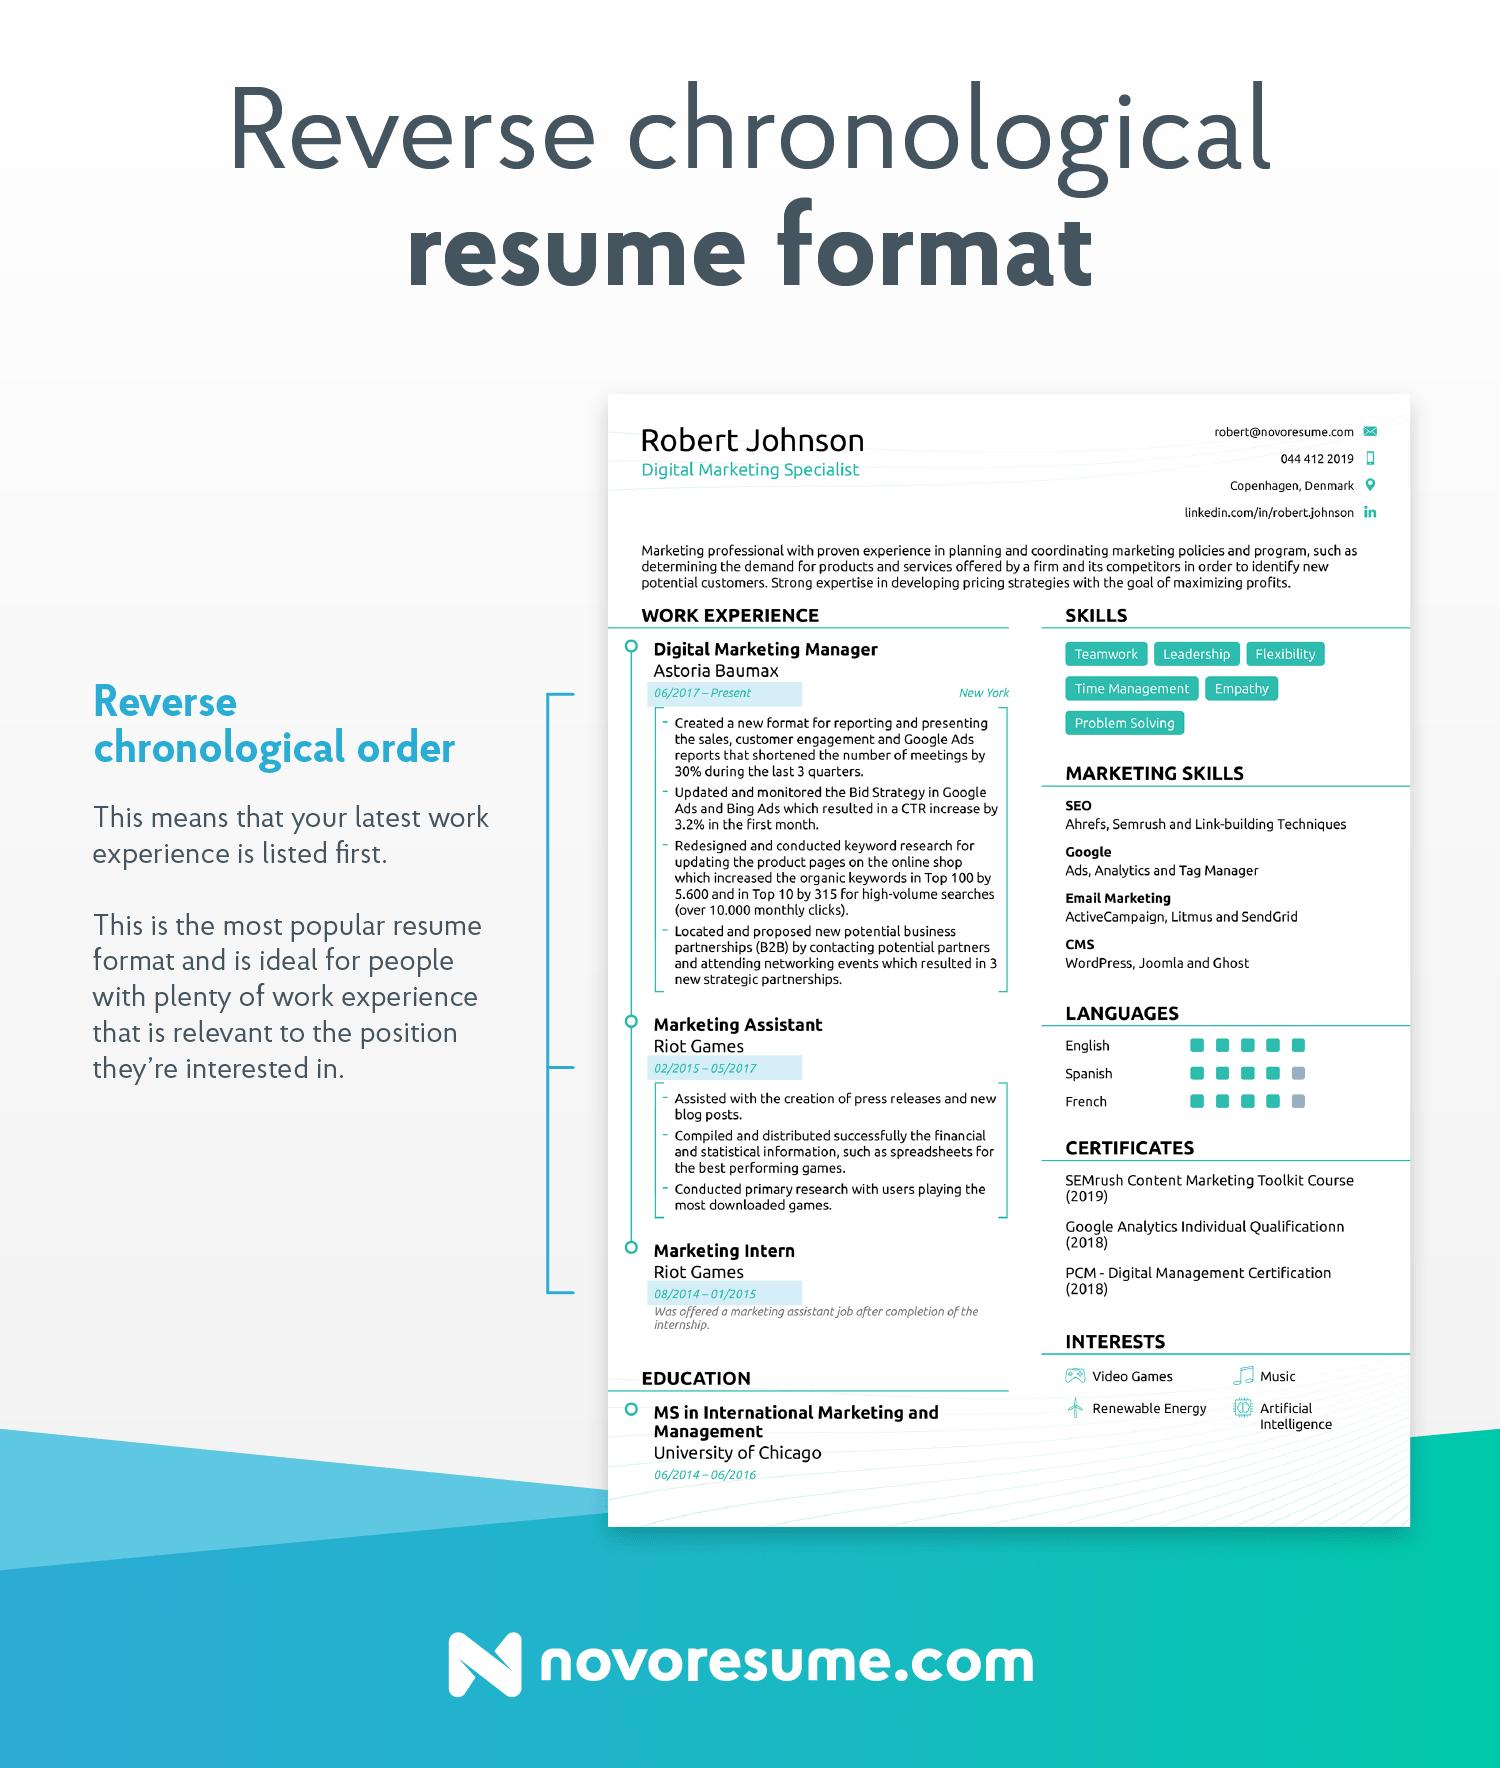 dentist reverse chronological resume